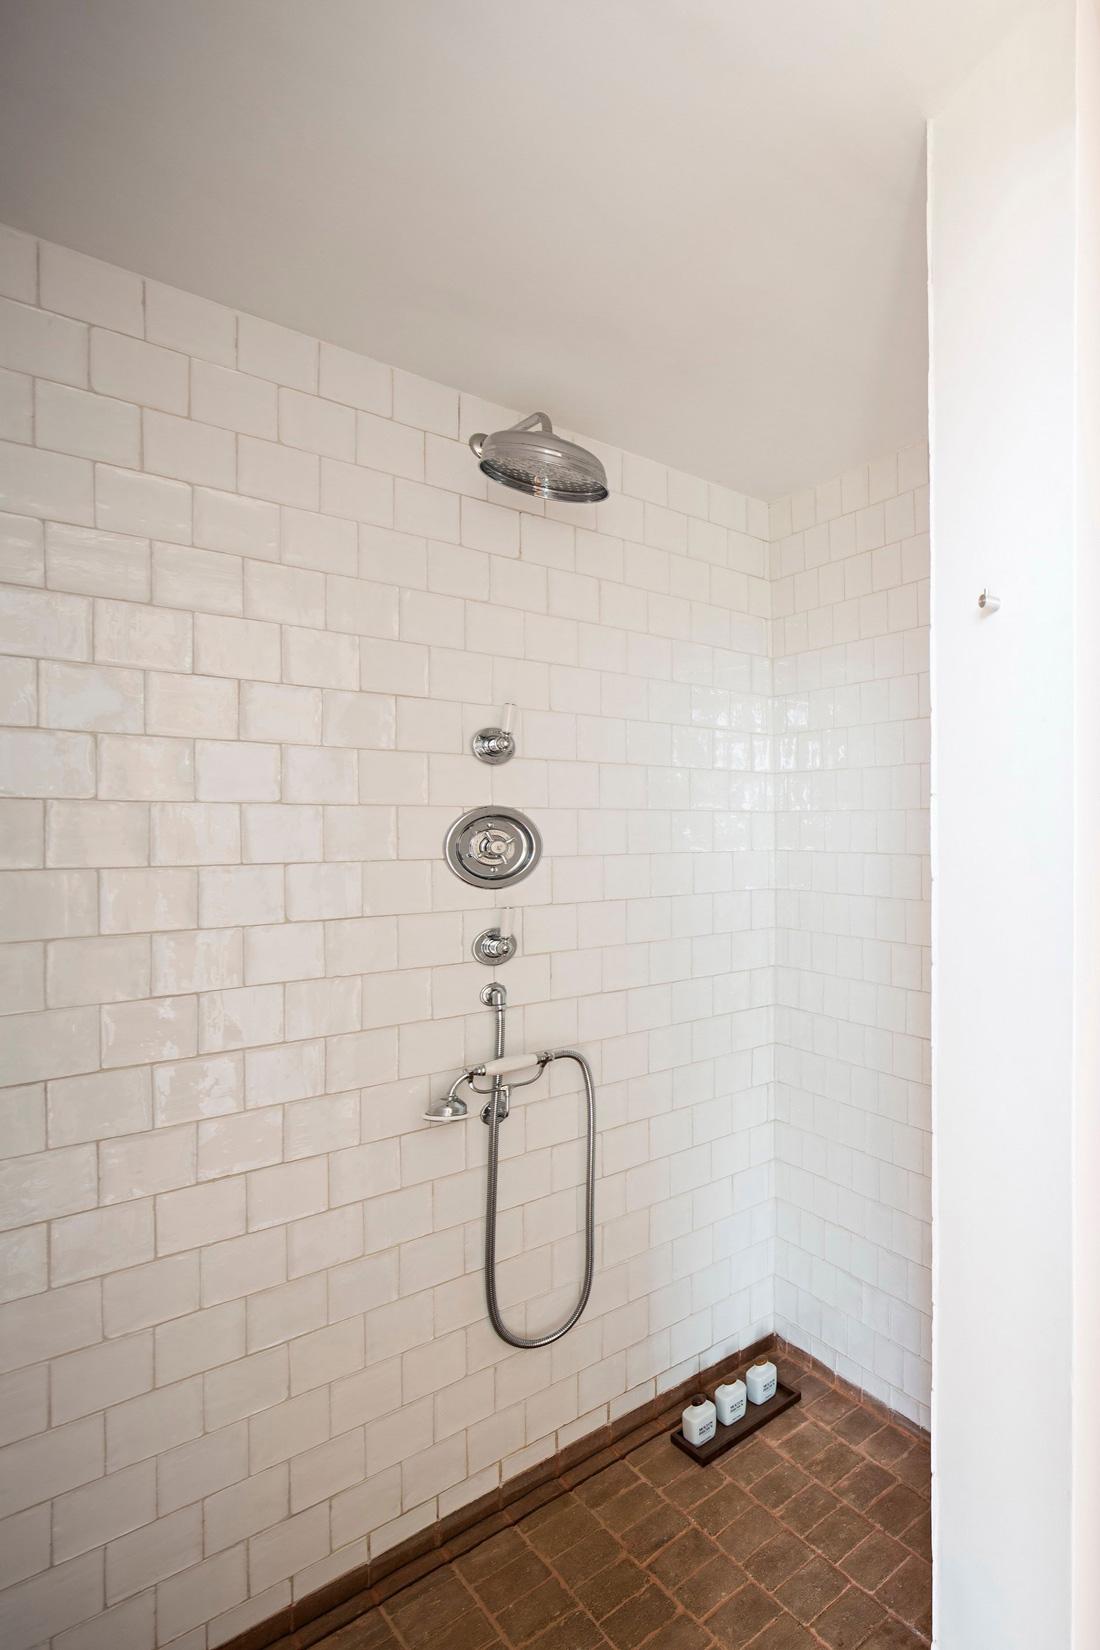 Shower Room, White Tiles